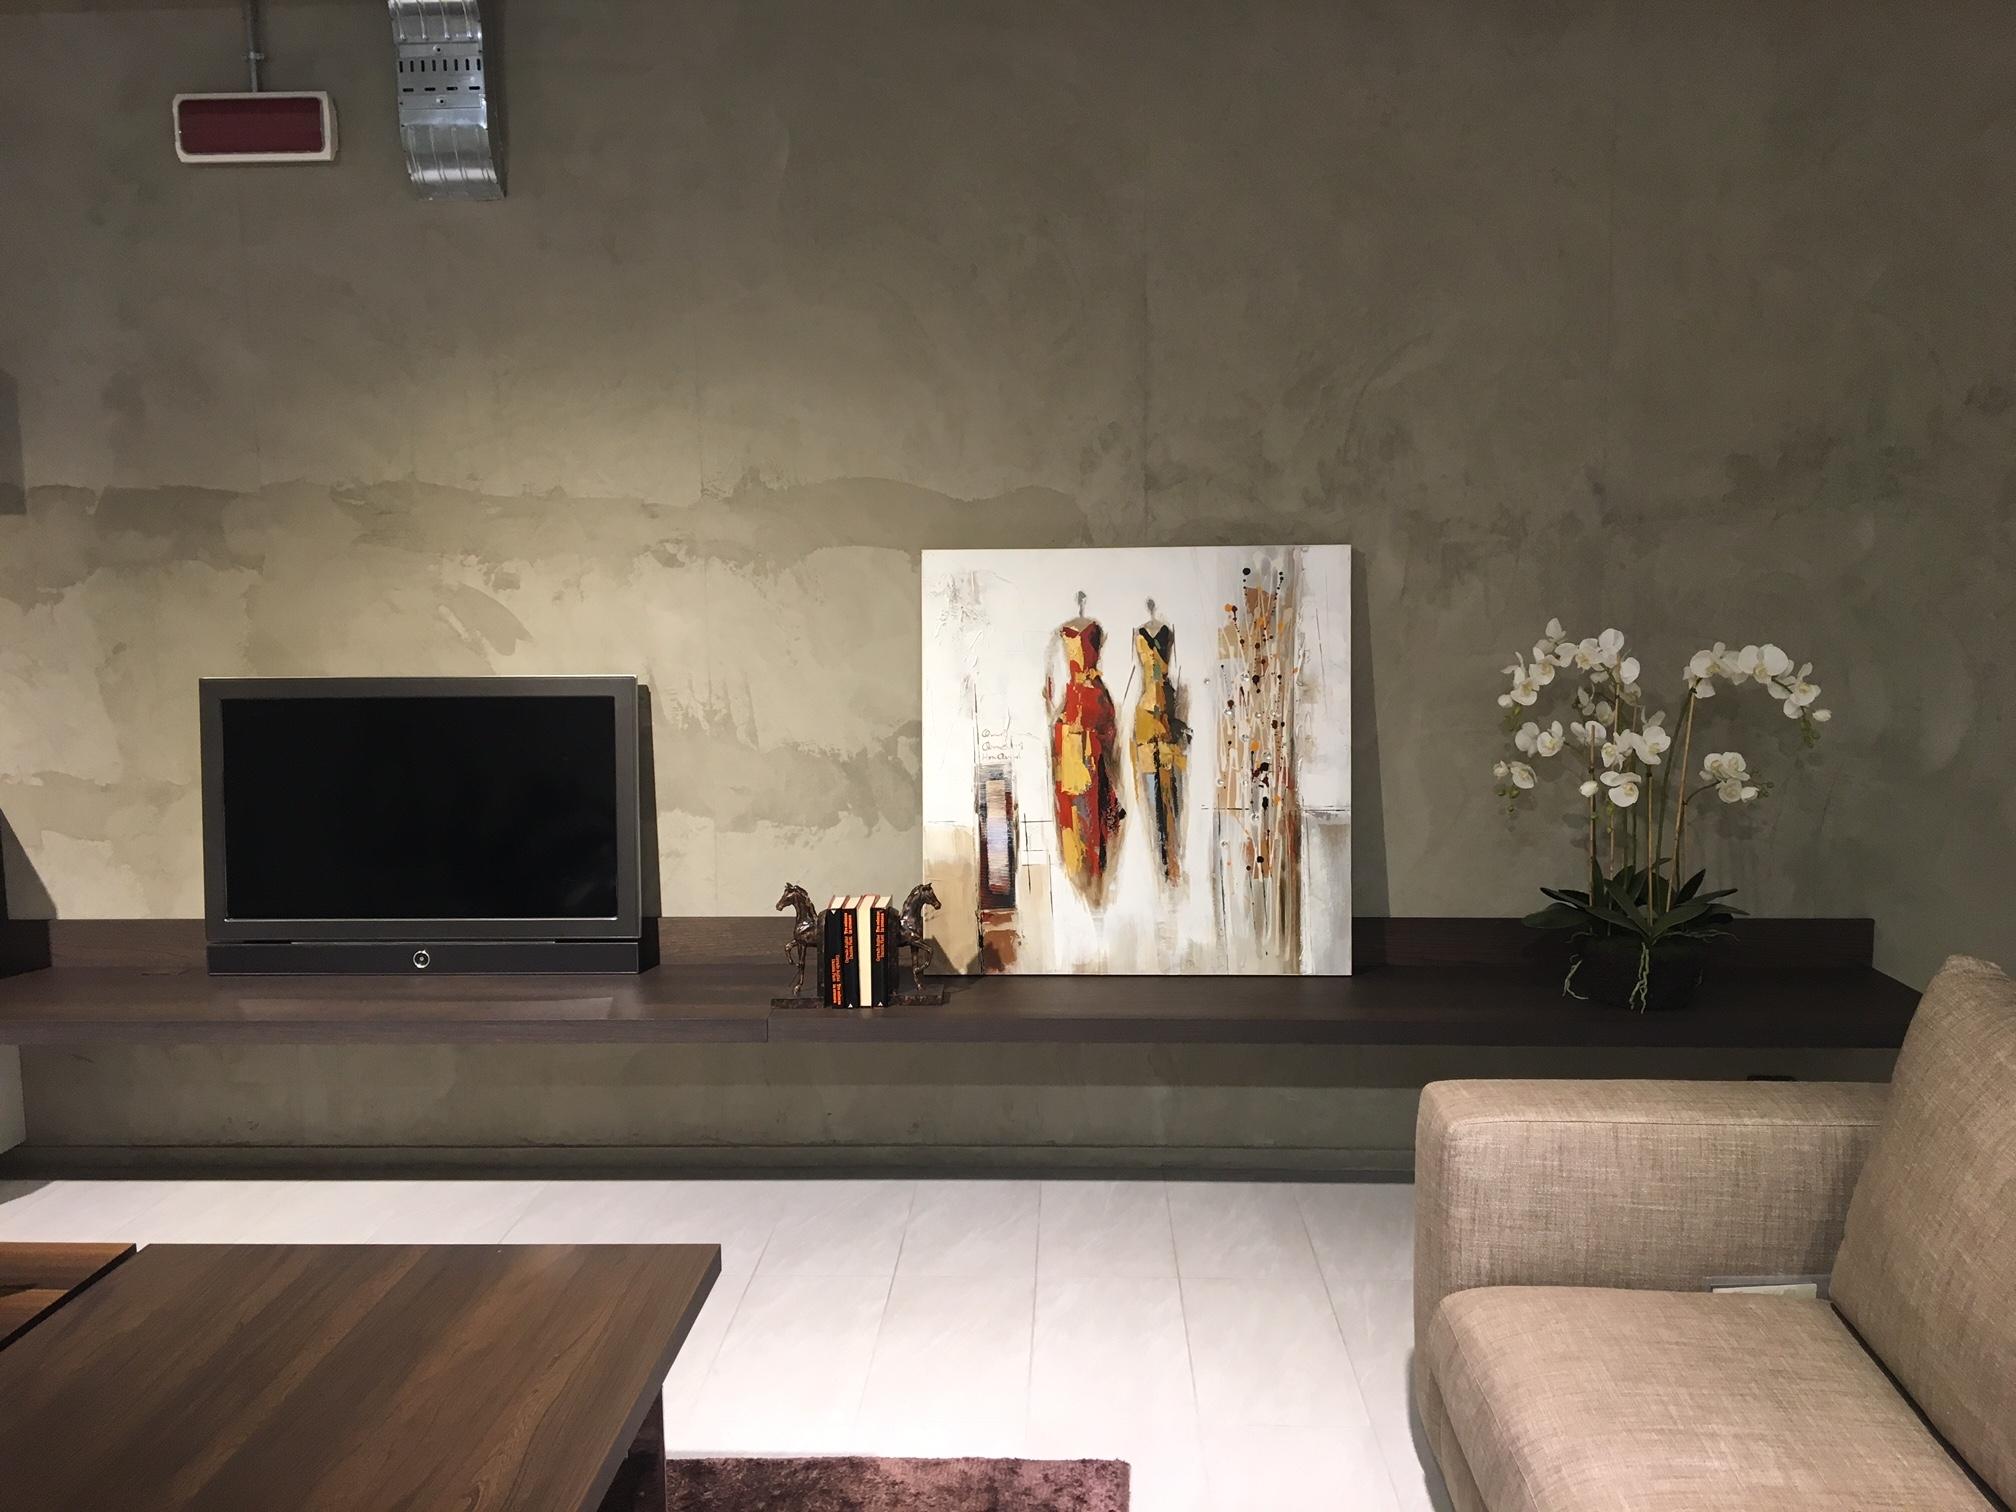 Stunning soggiorni molteni pictures home interior ideas for Cagnoni arredamento